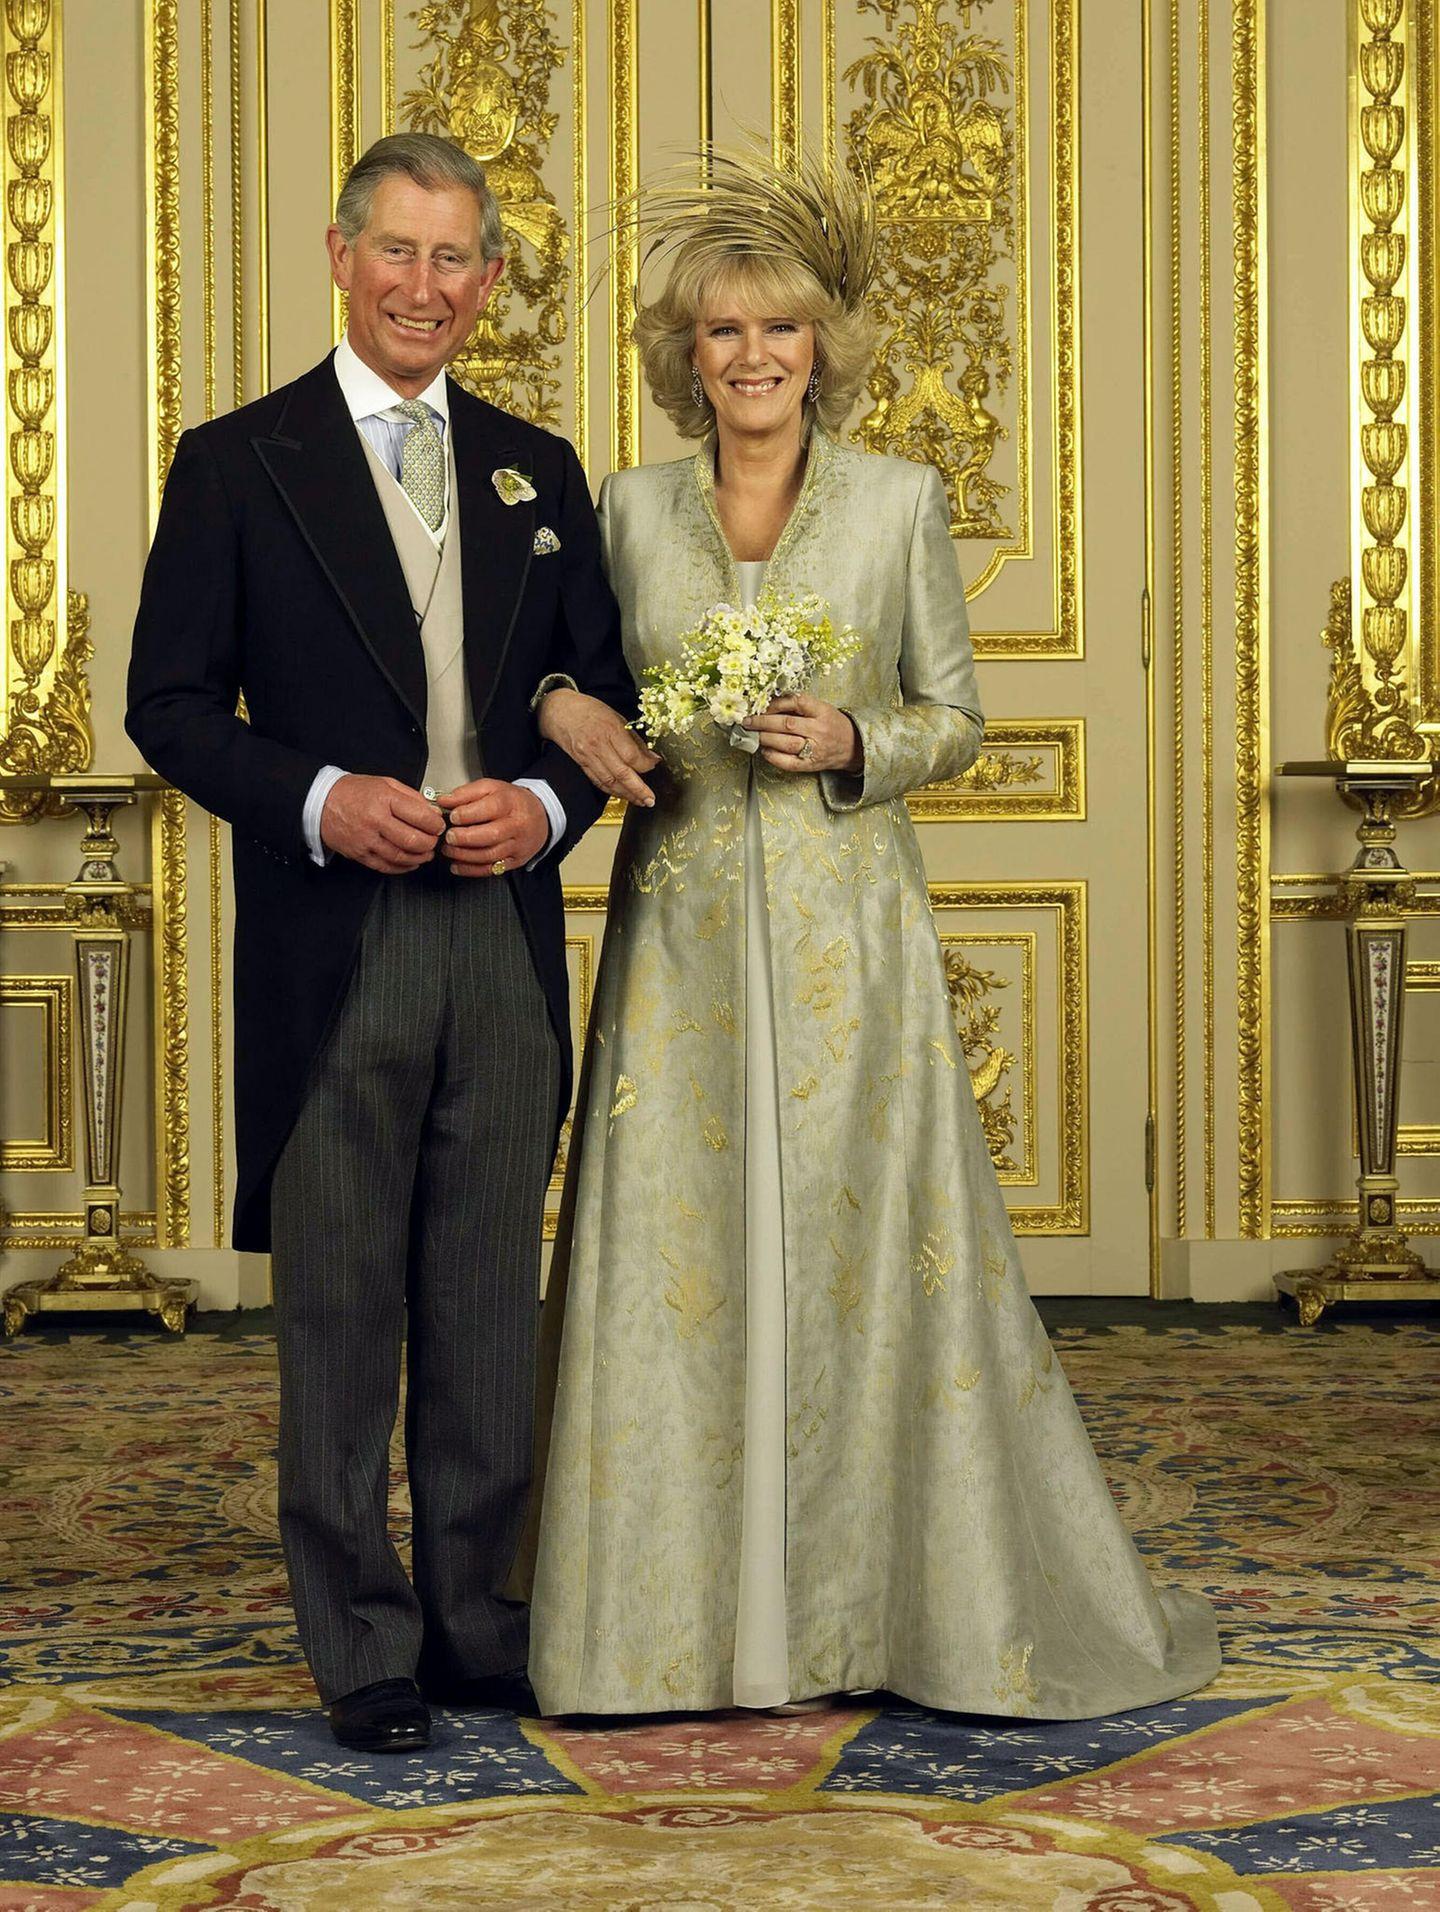 Nicht ganz so pompös wie beim ersten Mal, aber trotzdem wunderschön: Prinz Charles ehelichte seine Camilla, die seitdem mitHer Royal Highness The Duchess of Cornwall angeredet wird, am 9. April 2005 in der St-Georges-Kapelle in Windsor. Fürbeidewar es nicht die erste Trauung: Charlesals auch Camilla waren beidebereits einmal verheiratet.